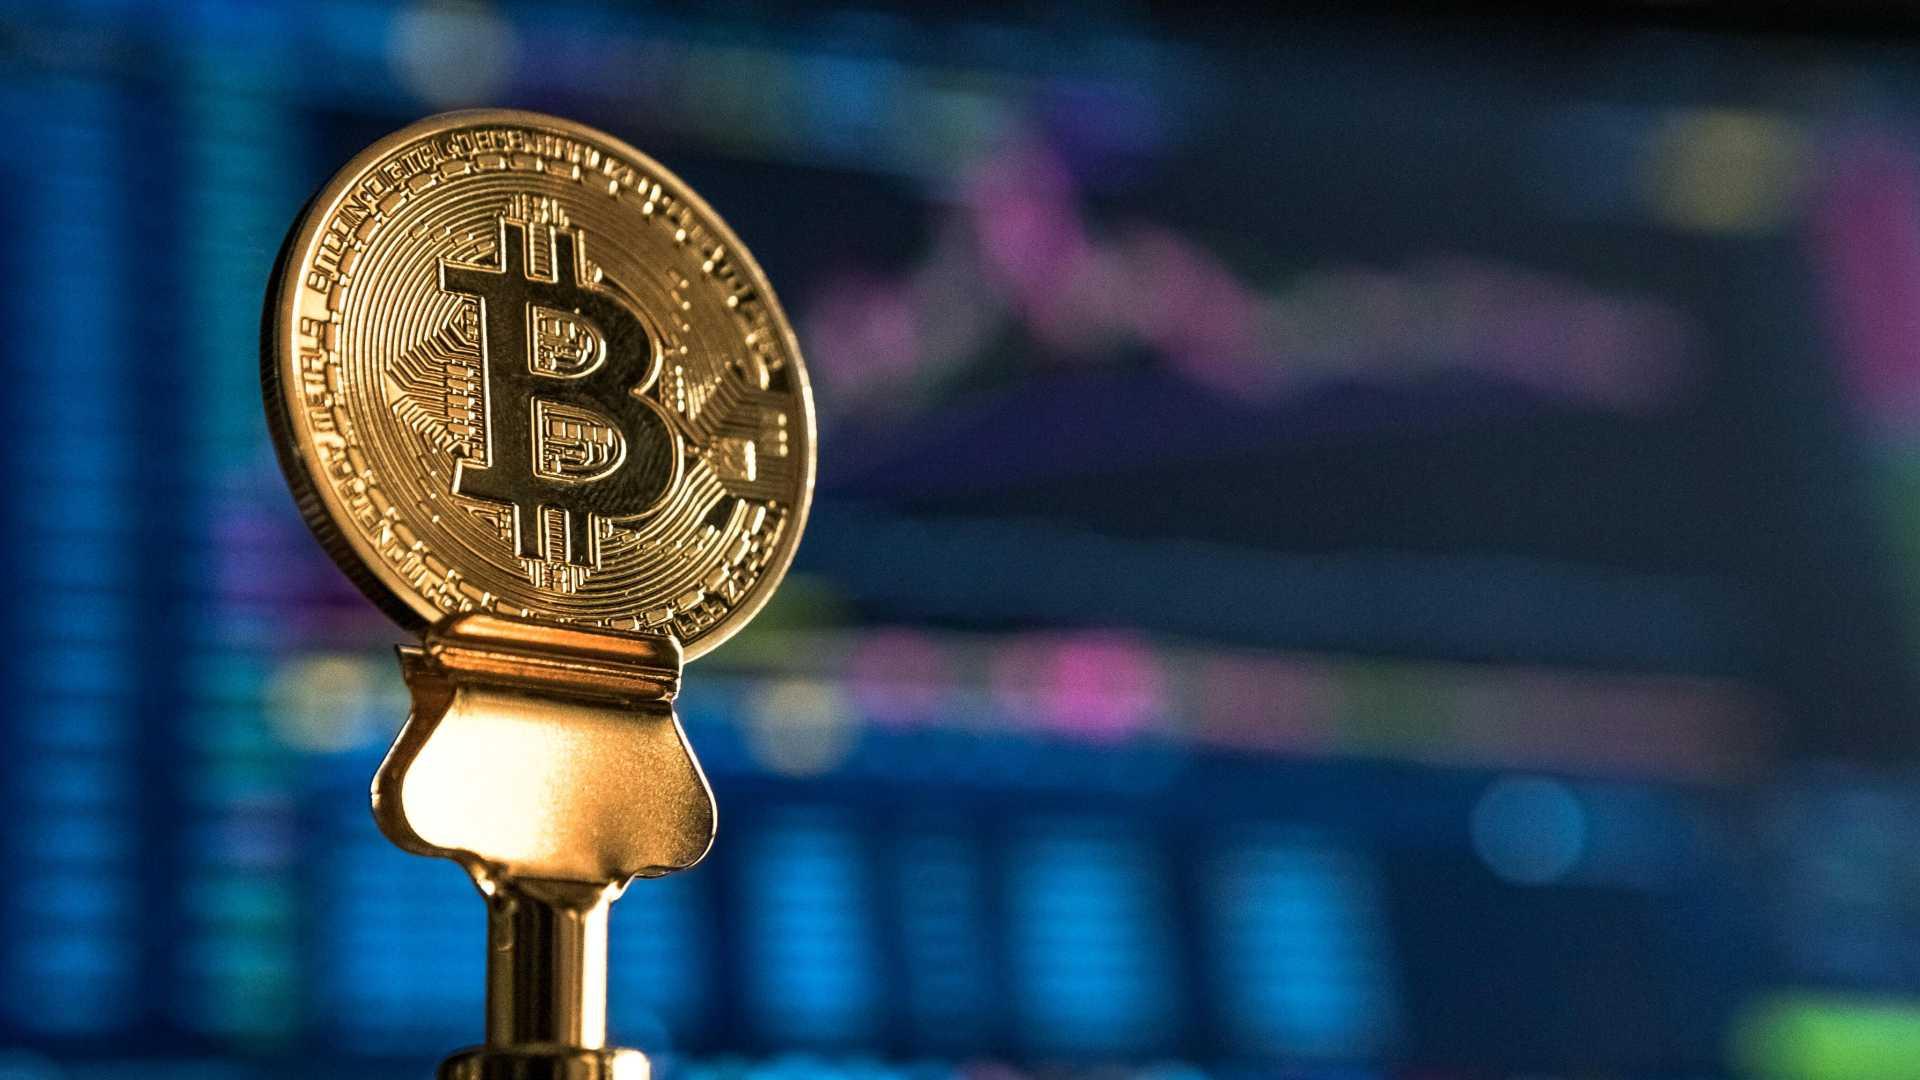 Maior preço da história do Bitcoin no Brasil: entenda